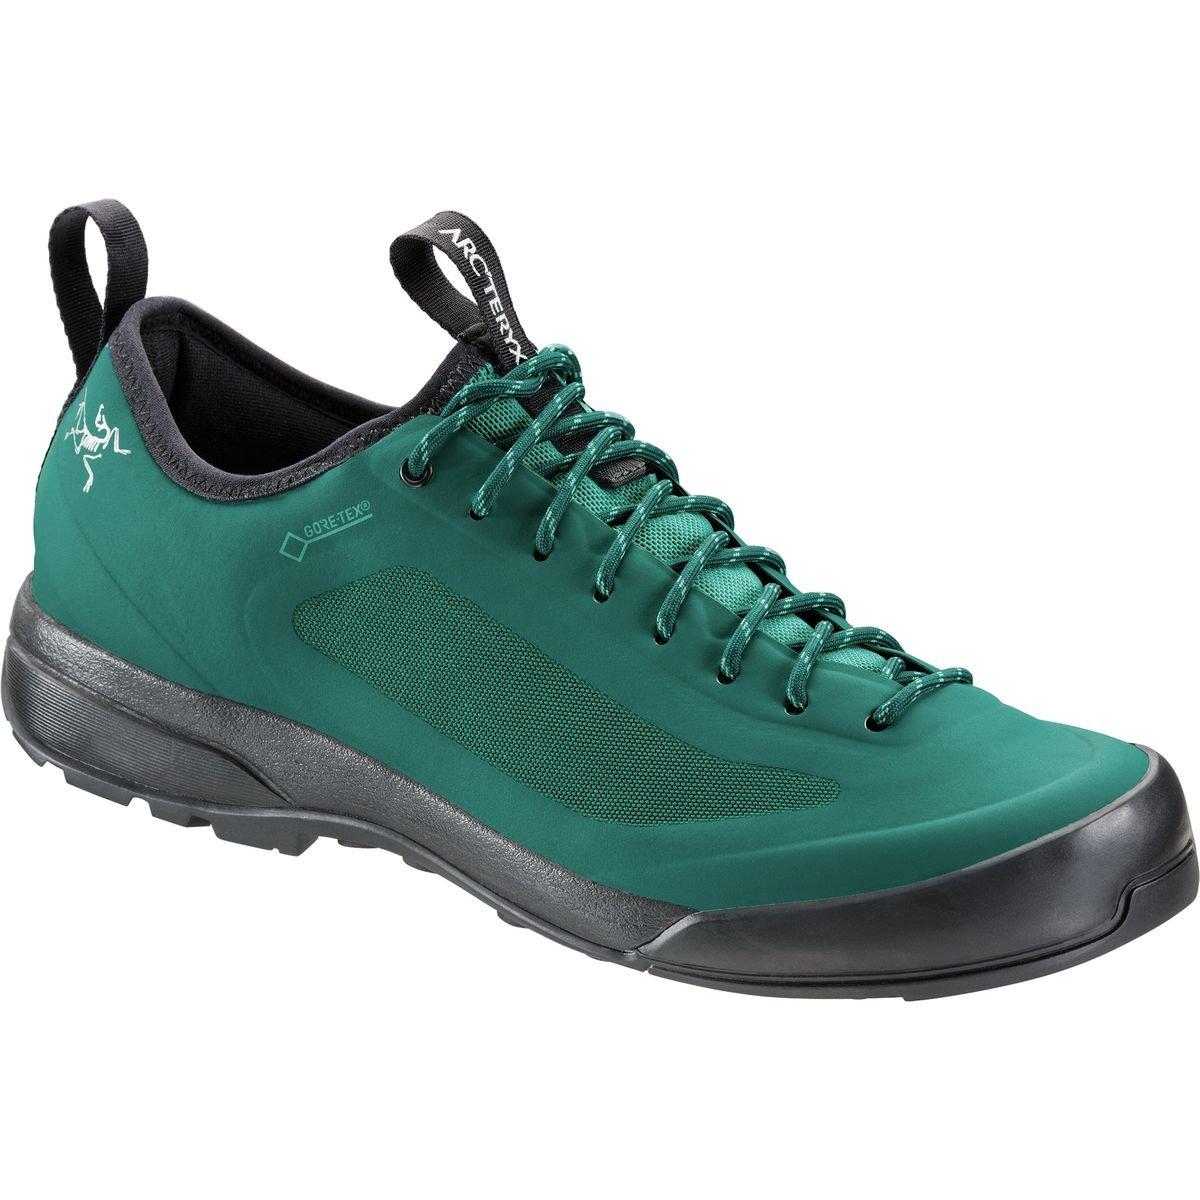 (アークテリクス) Arc'teryx Acrux SL GTX Approach Shoe - Women'sレディース バックパック リュック Jade Green/Bora Bora [並行輸入品] B0784228MH  US 8.0/UK 6.5